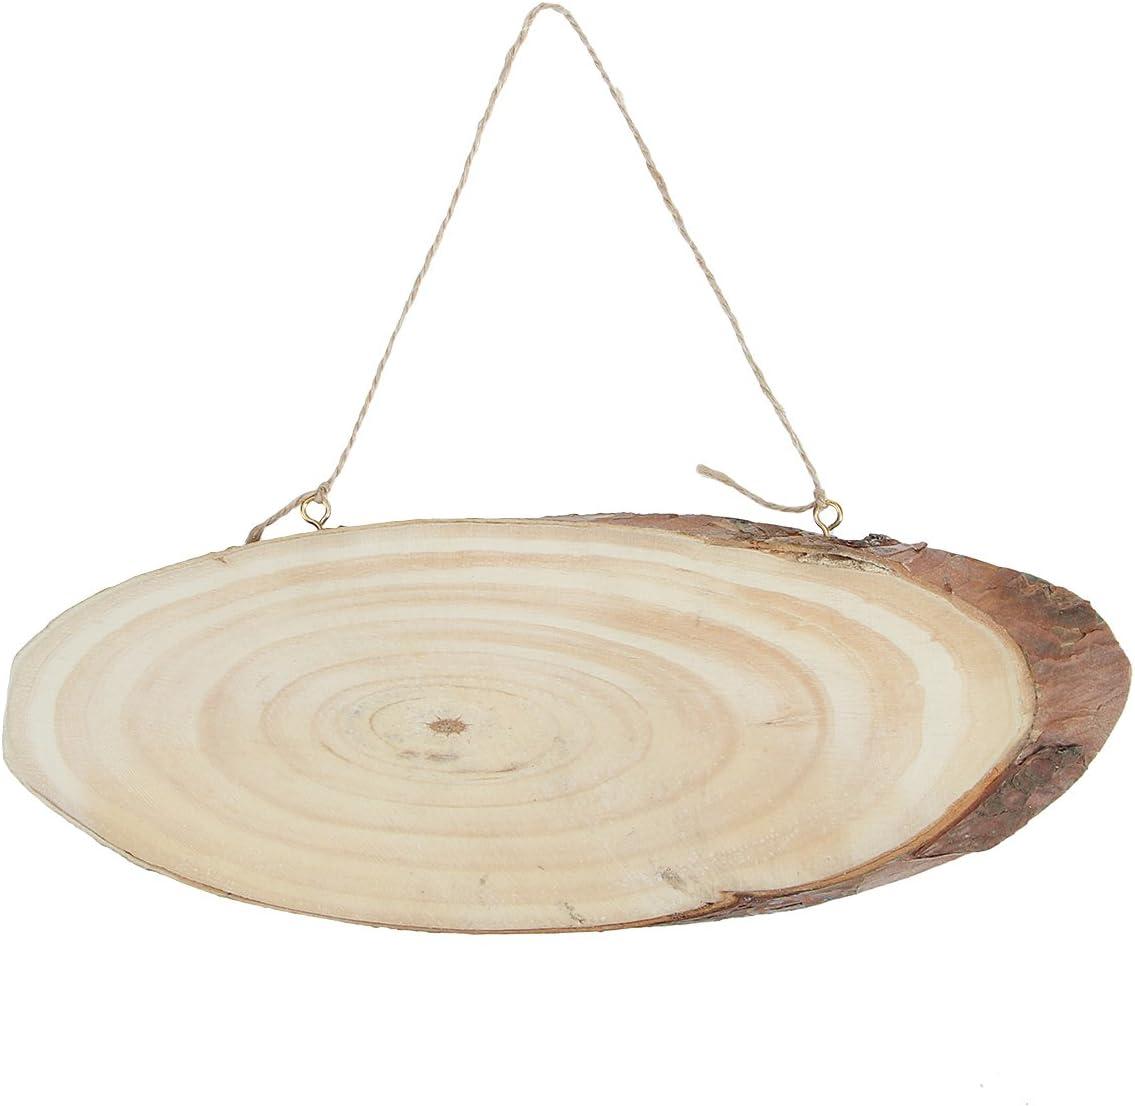 Keyohome Madera Rebanadas 3-8CM de Madera Troncos de Troncos Discos con 2 m de Cuerda de Yute para Artesan/ía de Bricolaje 50 piezas 30